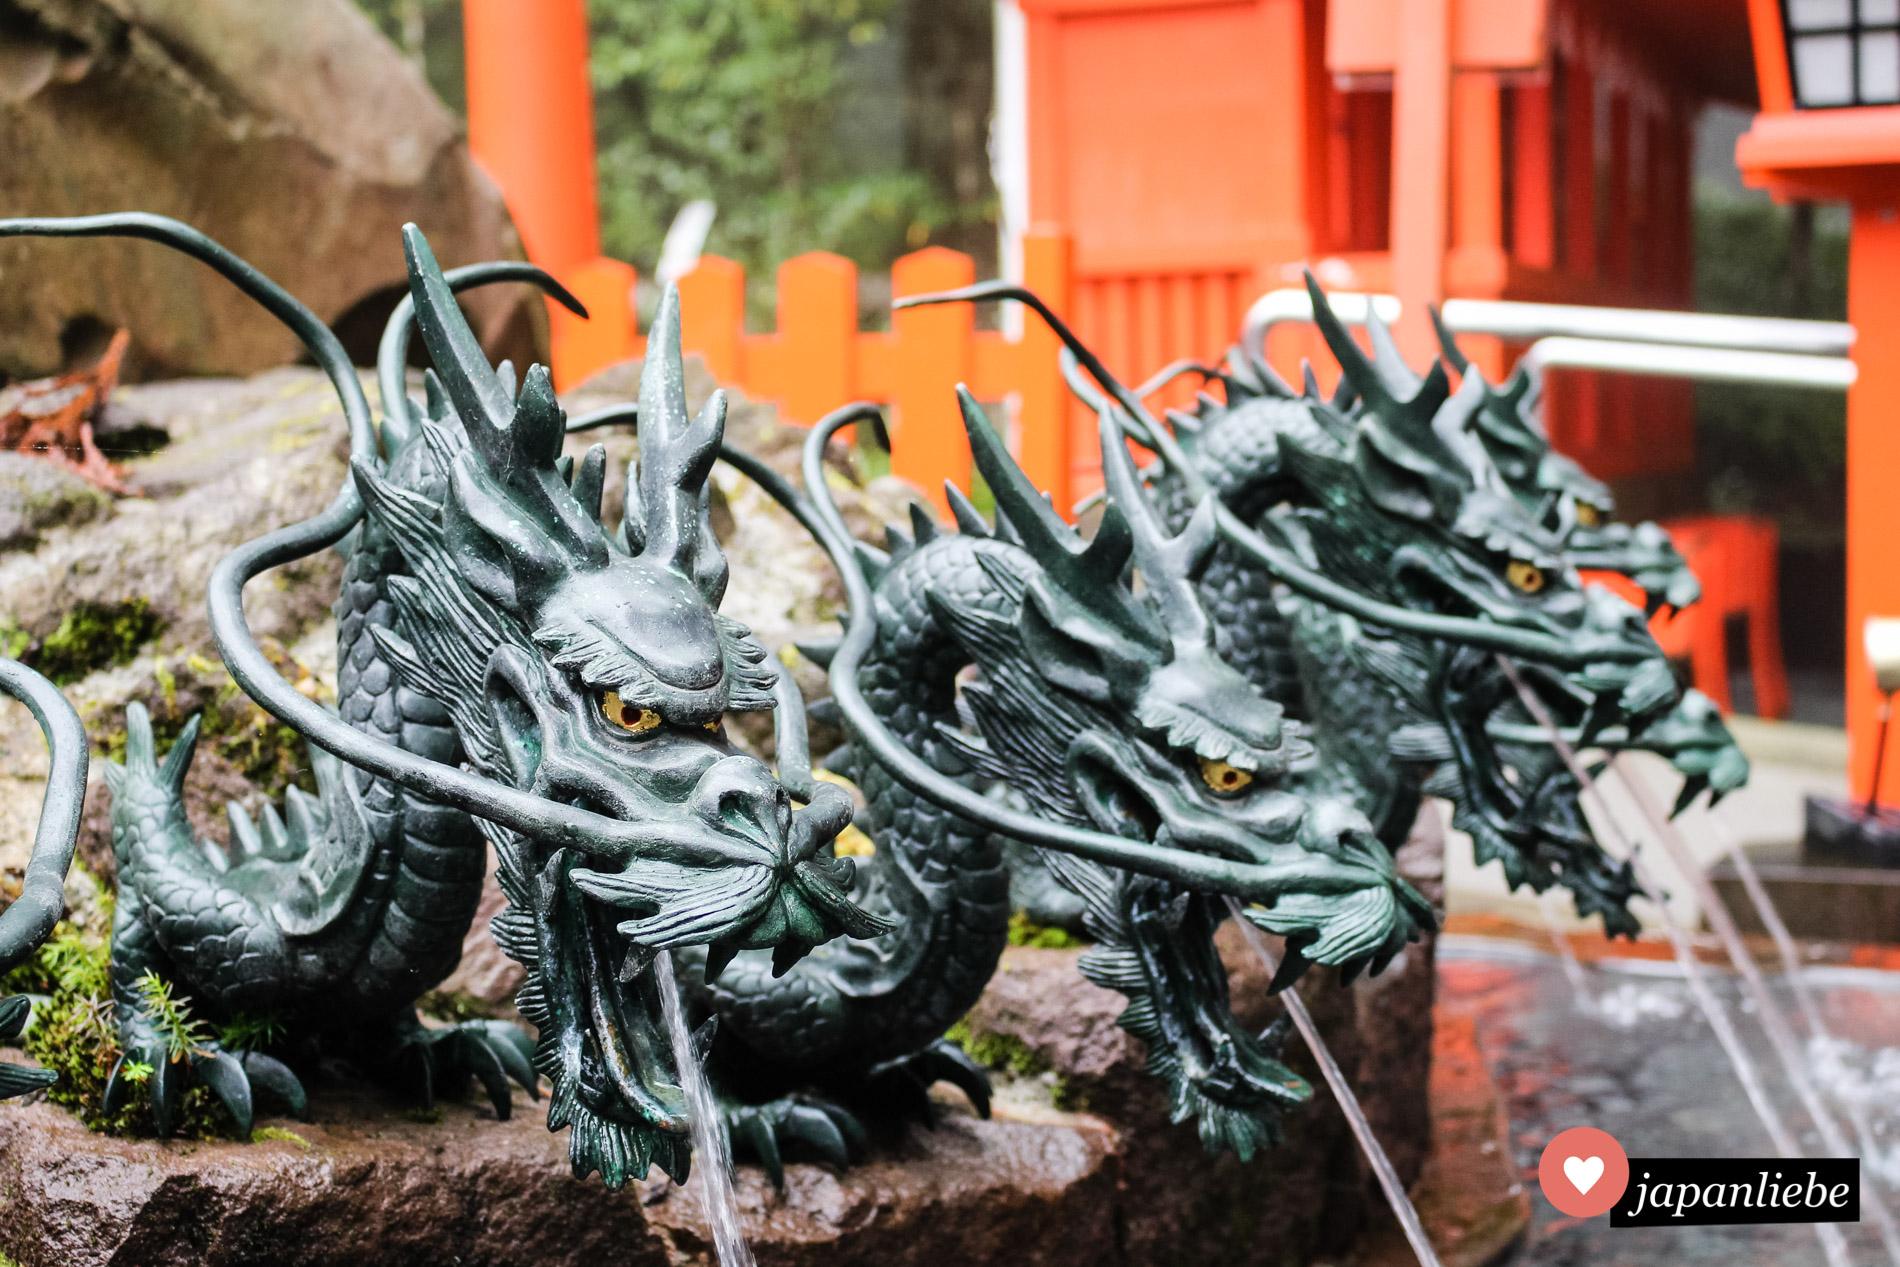 Ein häufiges Motiv sind furchterregende Drachen, aus deren Mäulern das Wasser für temizuya Schreinbrunnen gespeist wird.